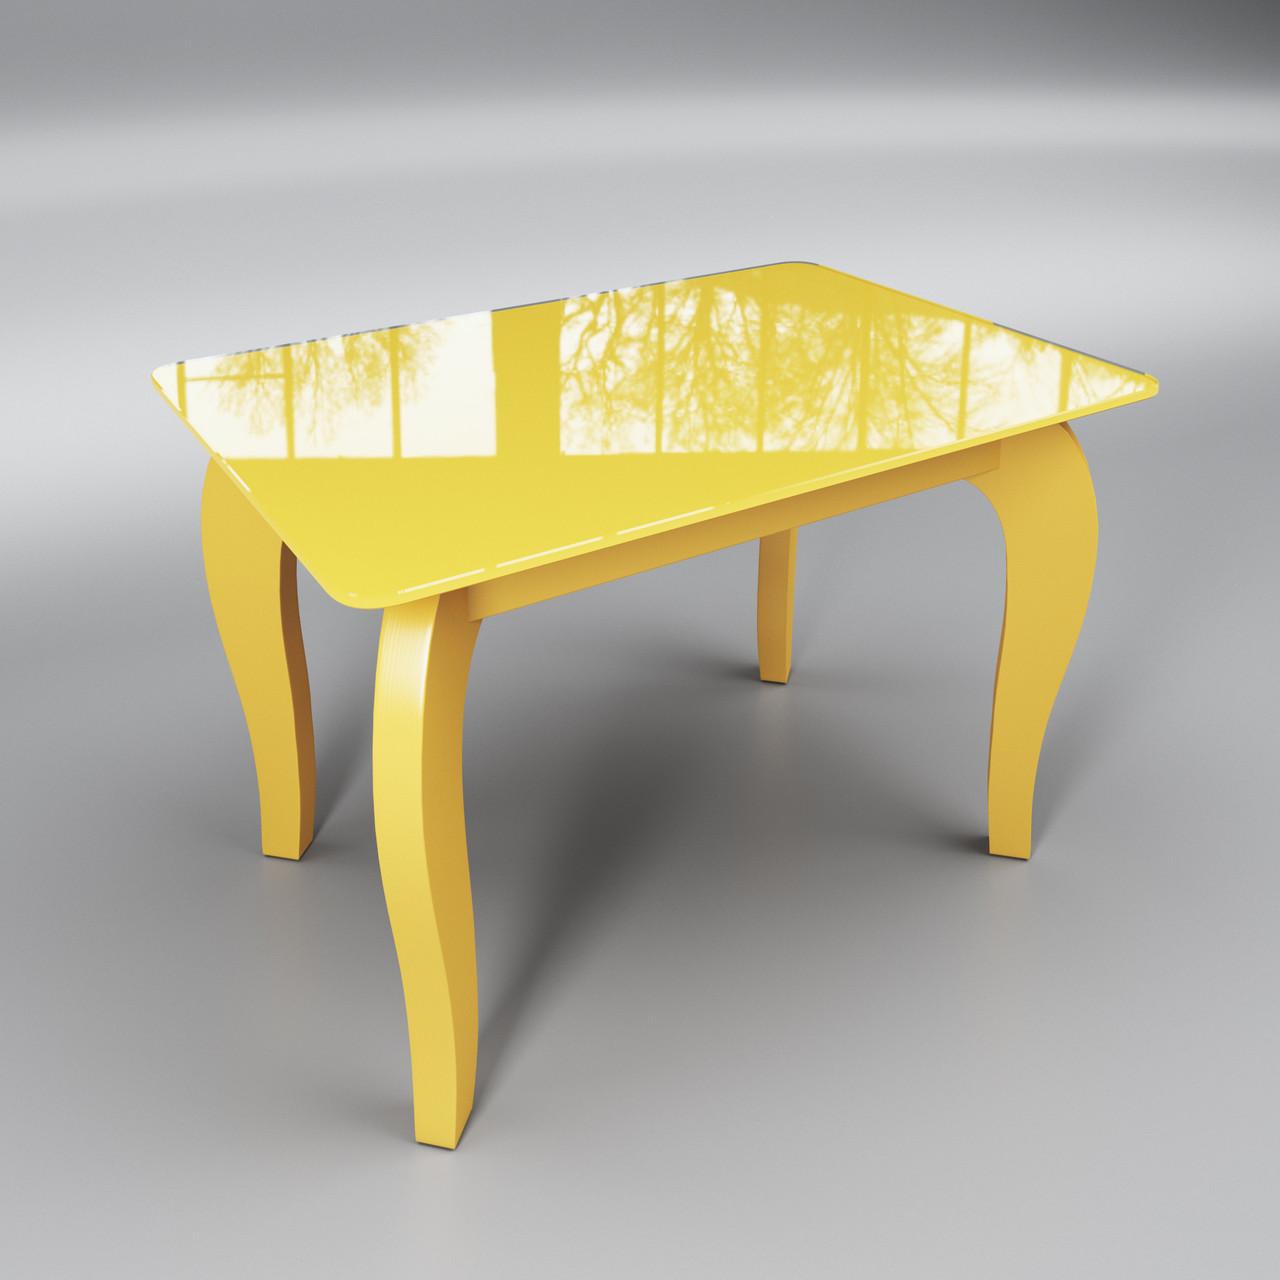 Стеклянный стол Император мини (журнальный) желтый